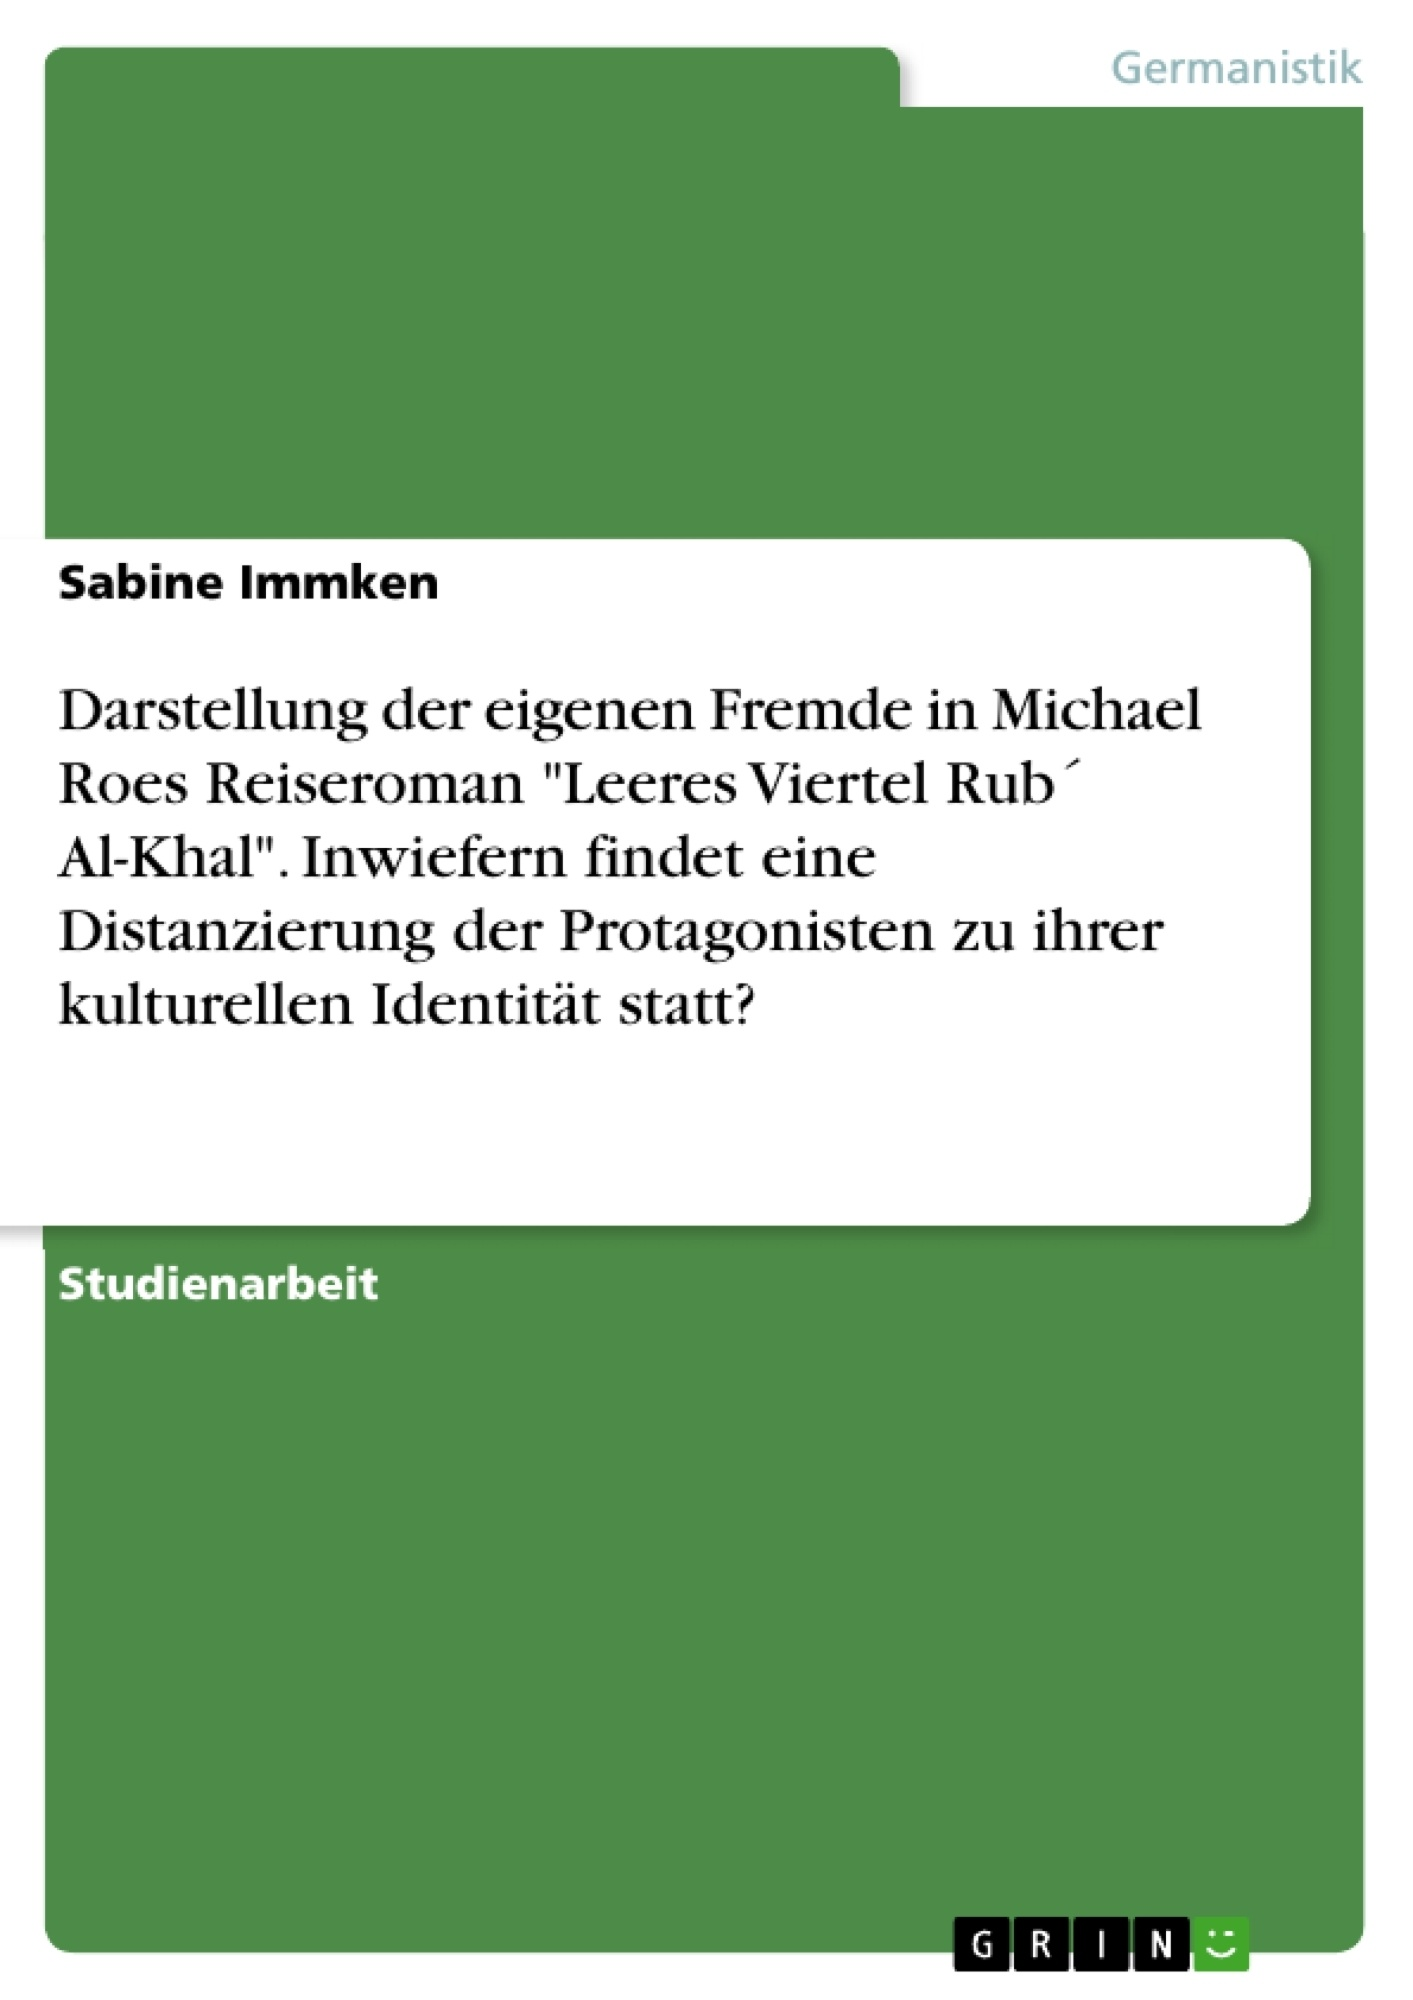 Masterarbeit germanistik rub textgebundener aufsatz gliederung beispiel